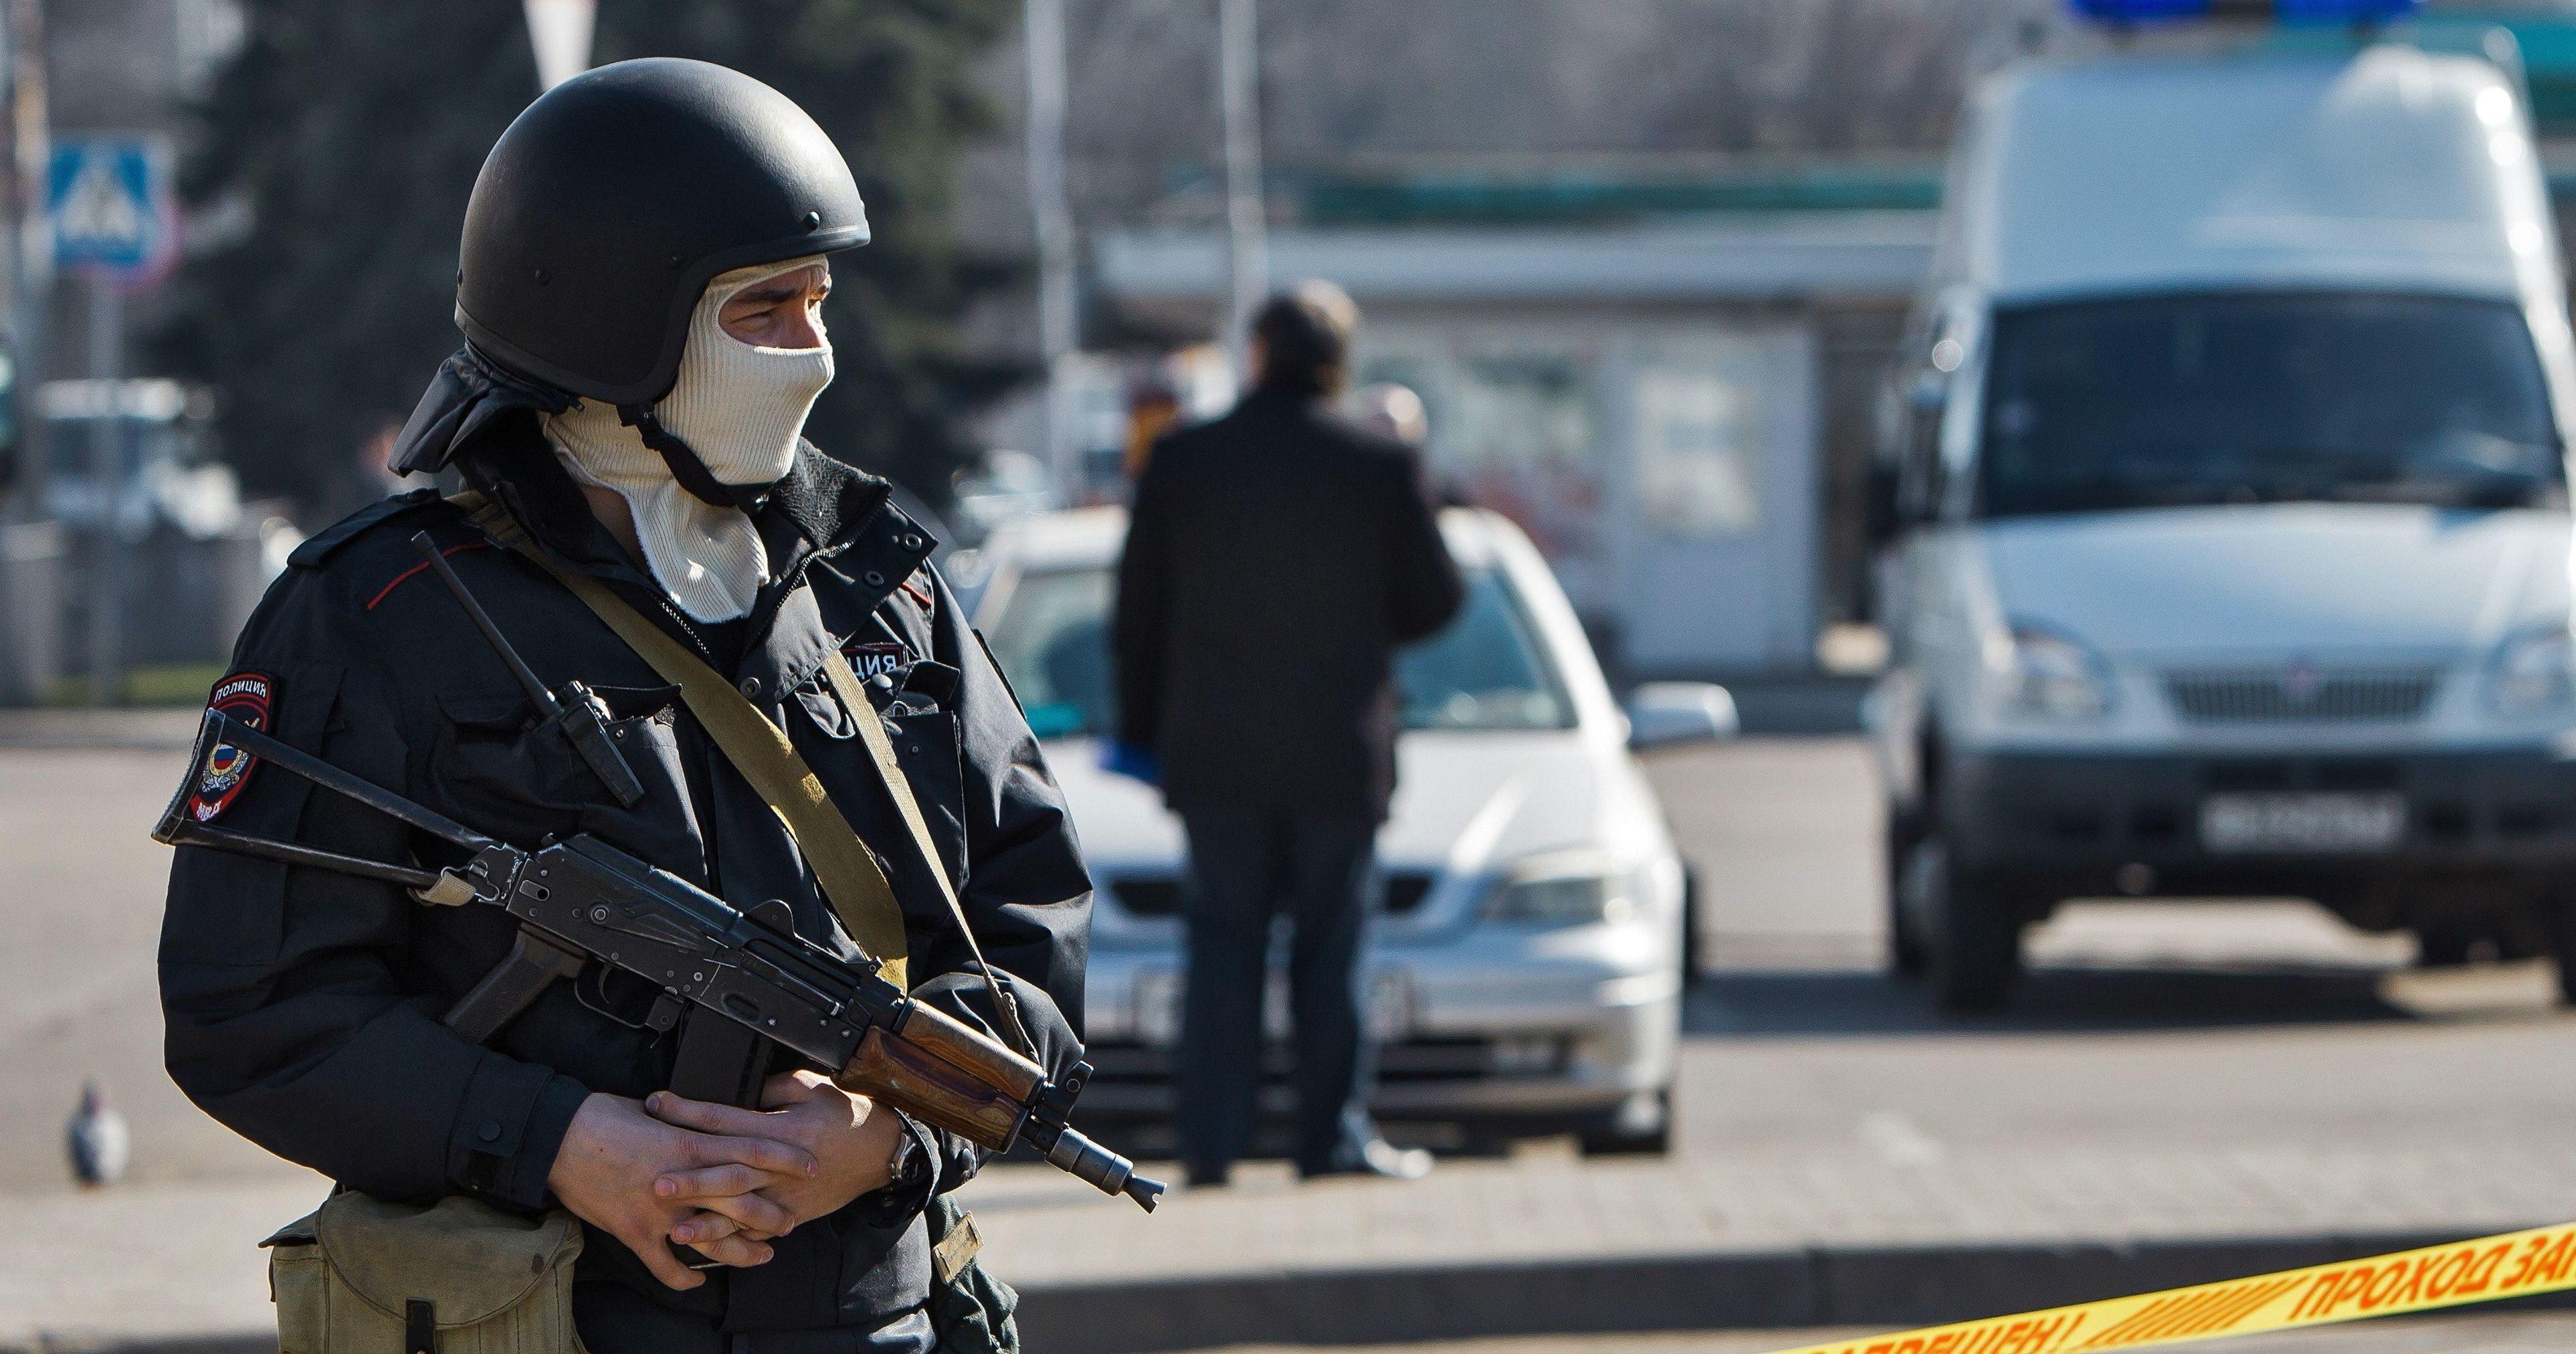 Житель Луганщины рассказал, как в России его пытались завербовать спецслужбы РФ